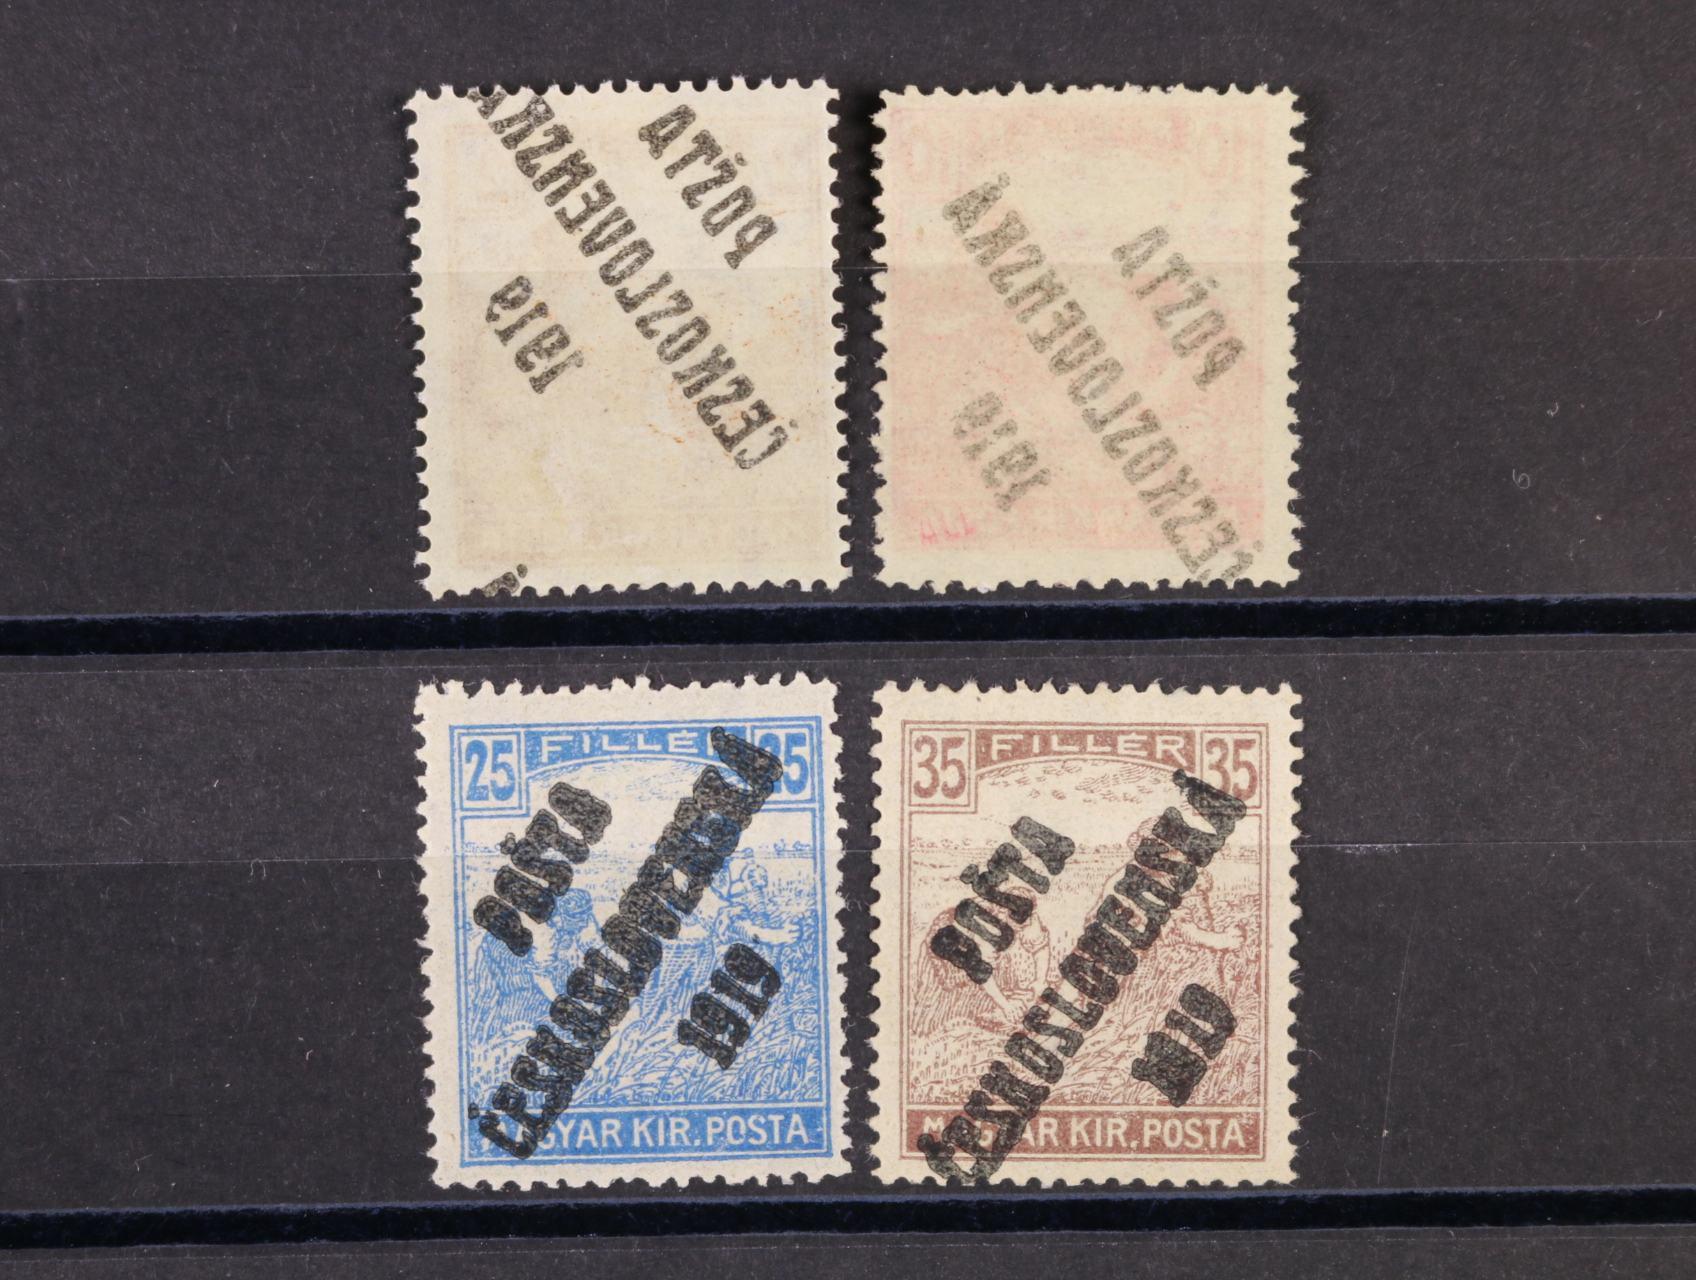 zn. č. 101 a 105 s kompl. obtiskem přetisku a zn. č. 108 a 109 se silným a dvojitým přetiskem, zk. Karásek